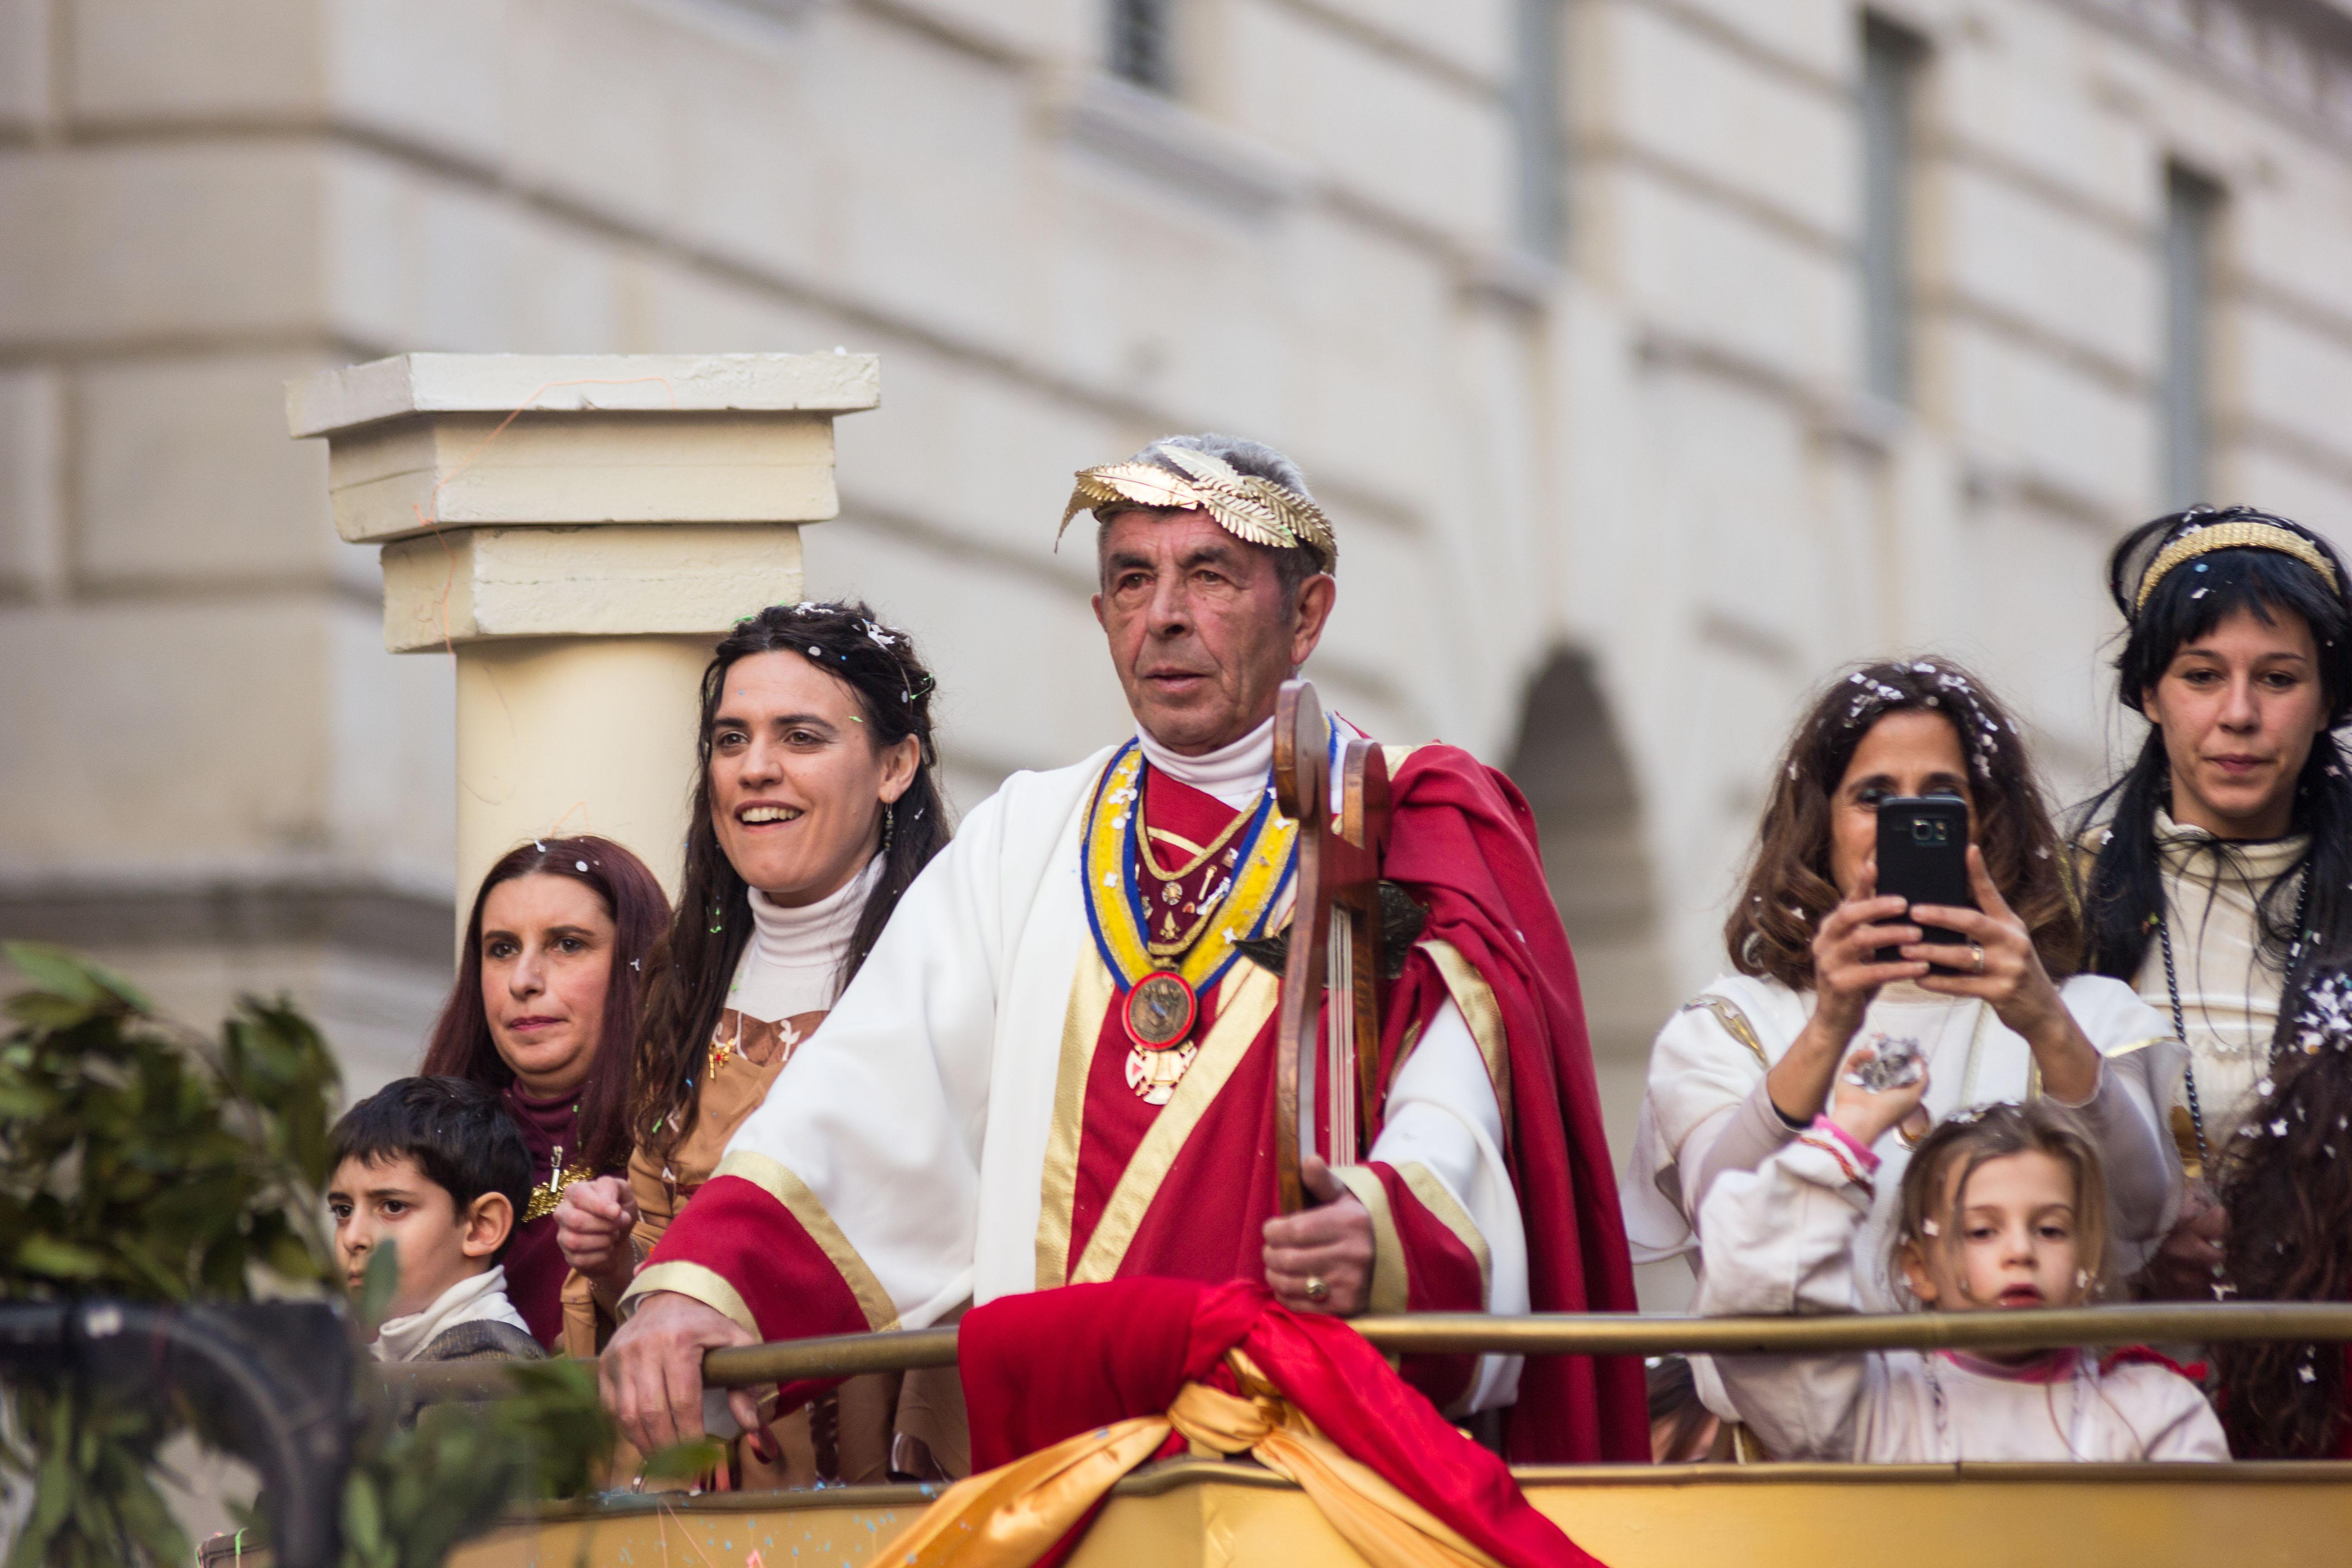 CarnevaleVerona2019-26